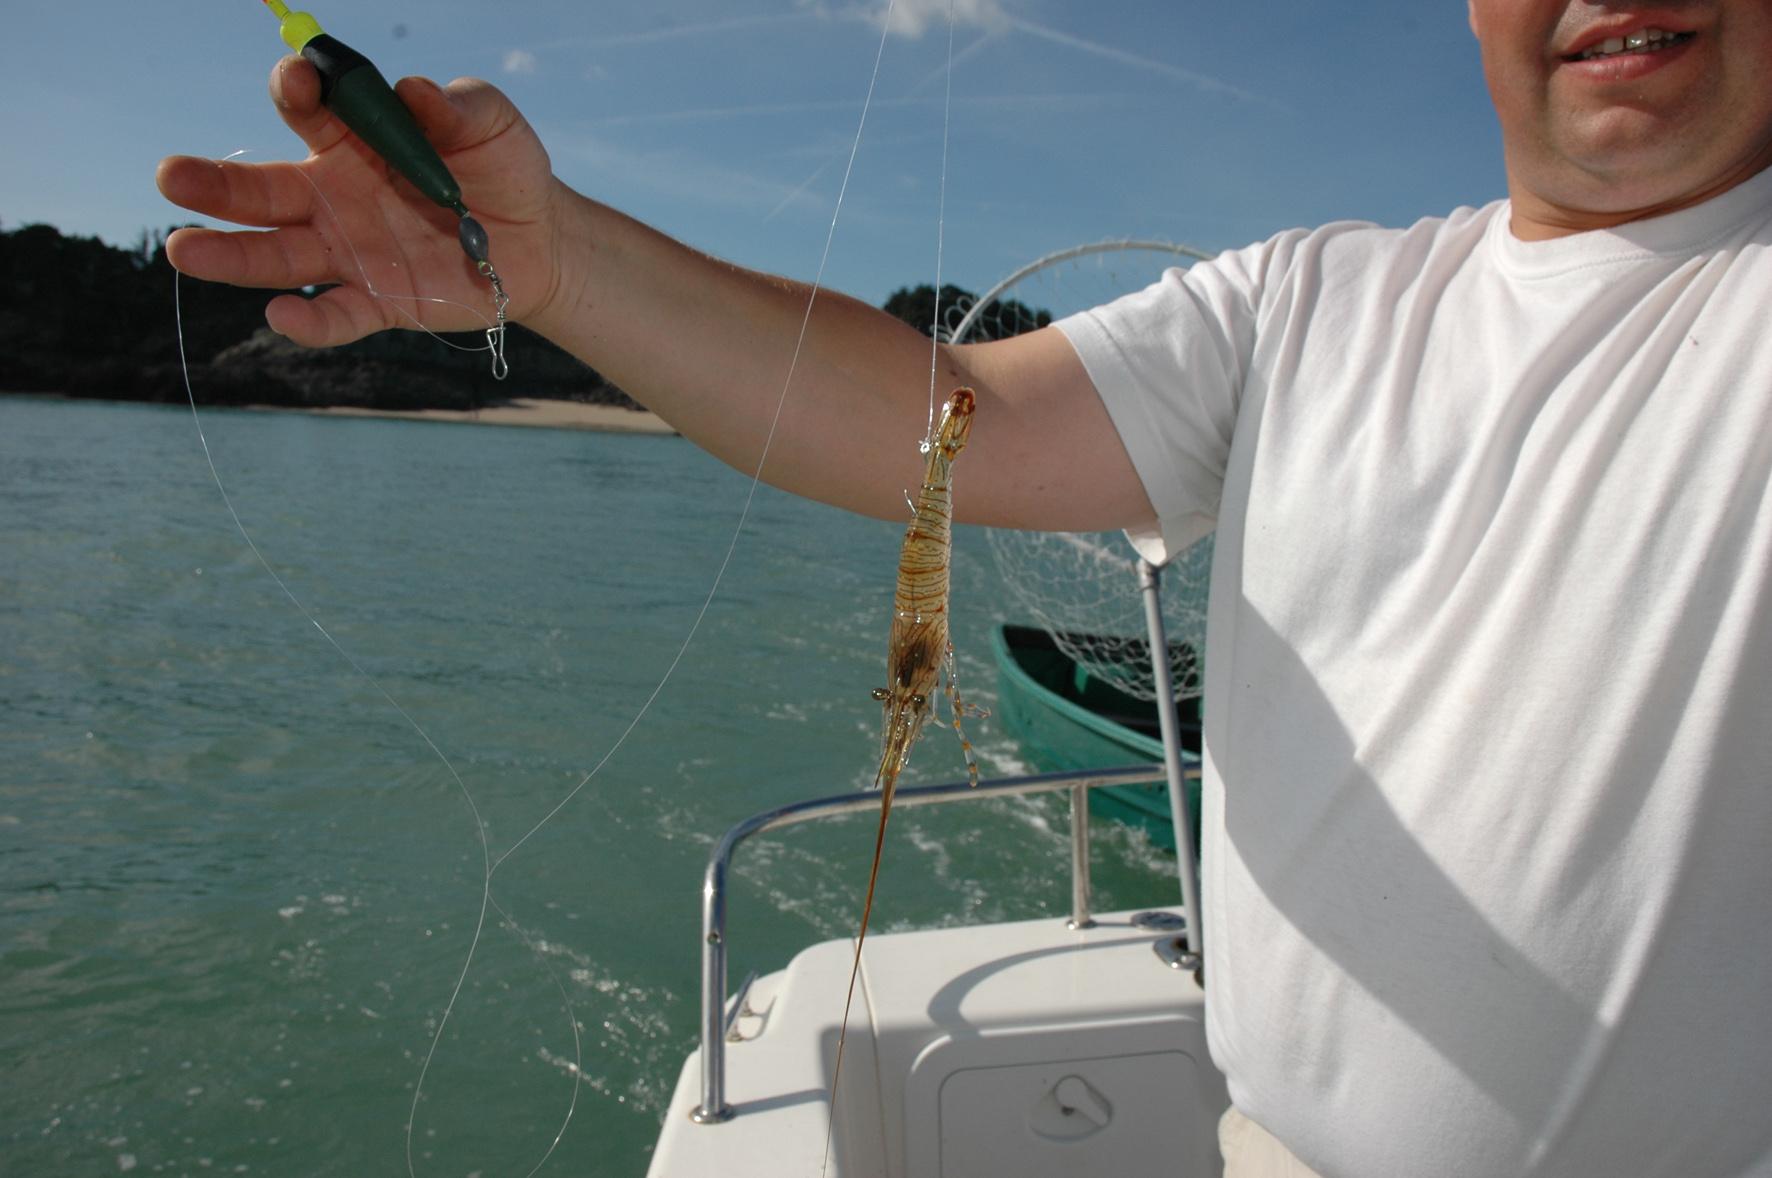 La rivière klyazma la pêche 2016